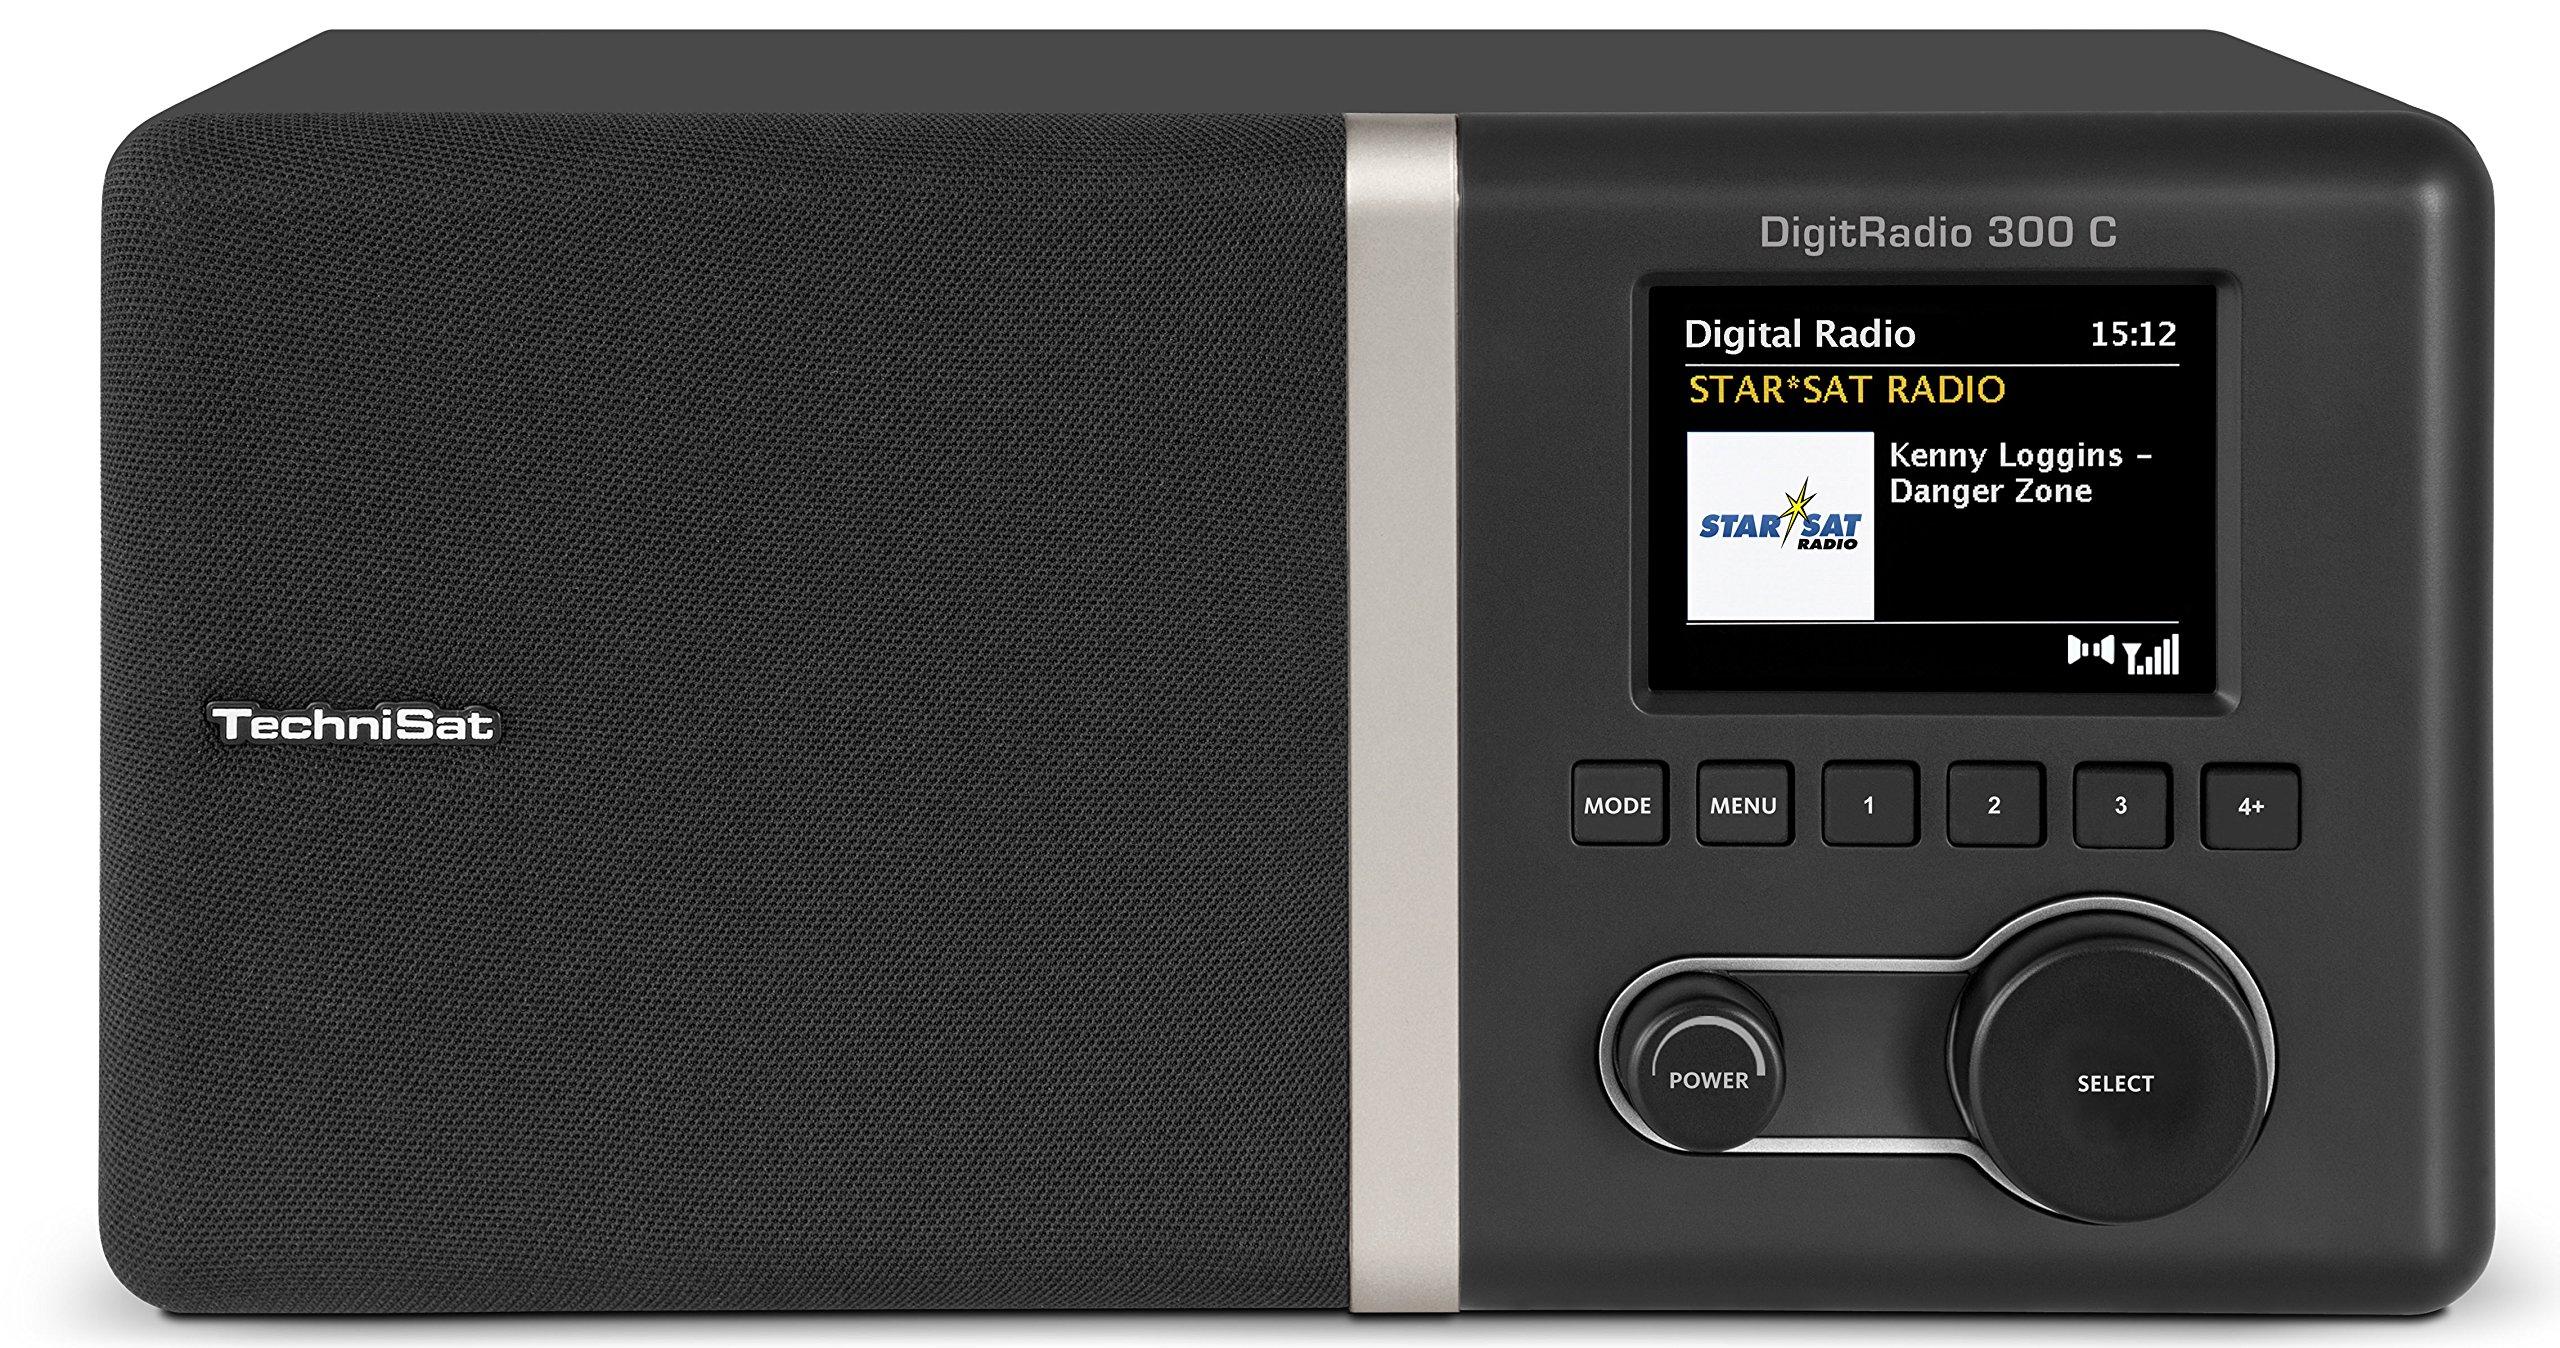 TechniSat DIGITRADIO 300 C Digital-Radio mit Spitzenklang durch integrierten Equalizer und Bassreflextube, DAB+, UKW, 2,8 Zoll Farbdisplay, Radiowecker mit Sleeptimer, Kopfhöreranschluss, AUX-In und Audio-Ausgang analog, anthrazit product image